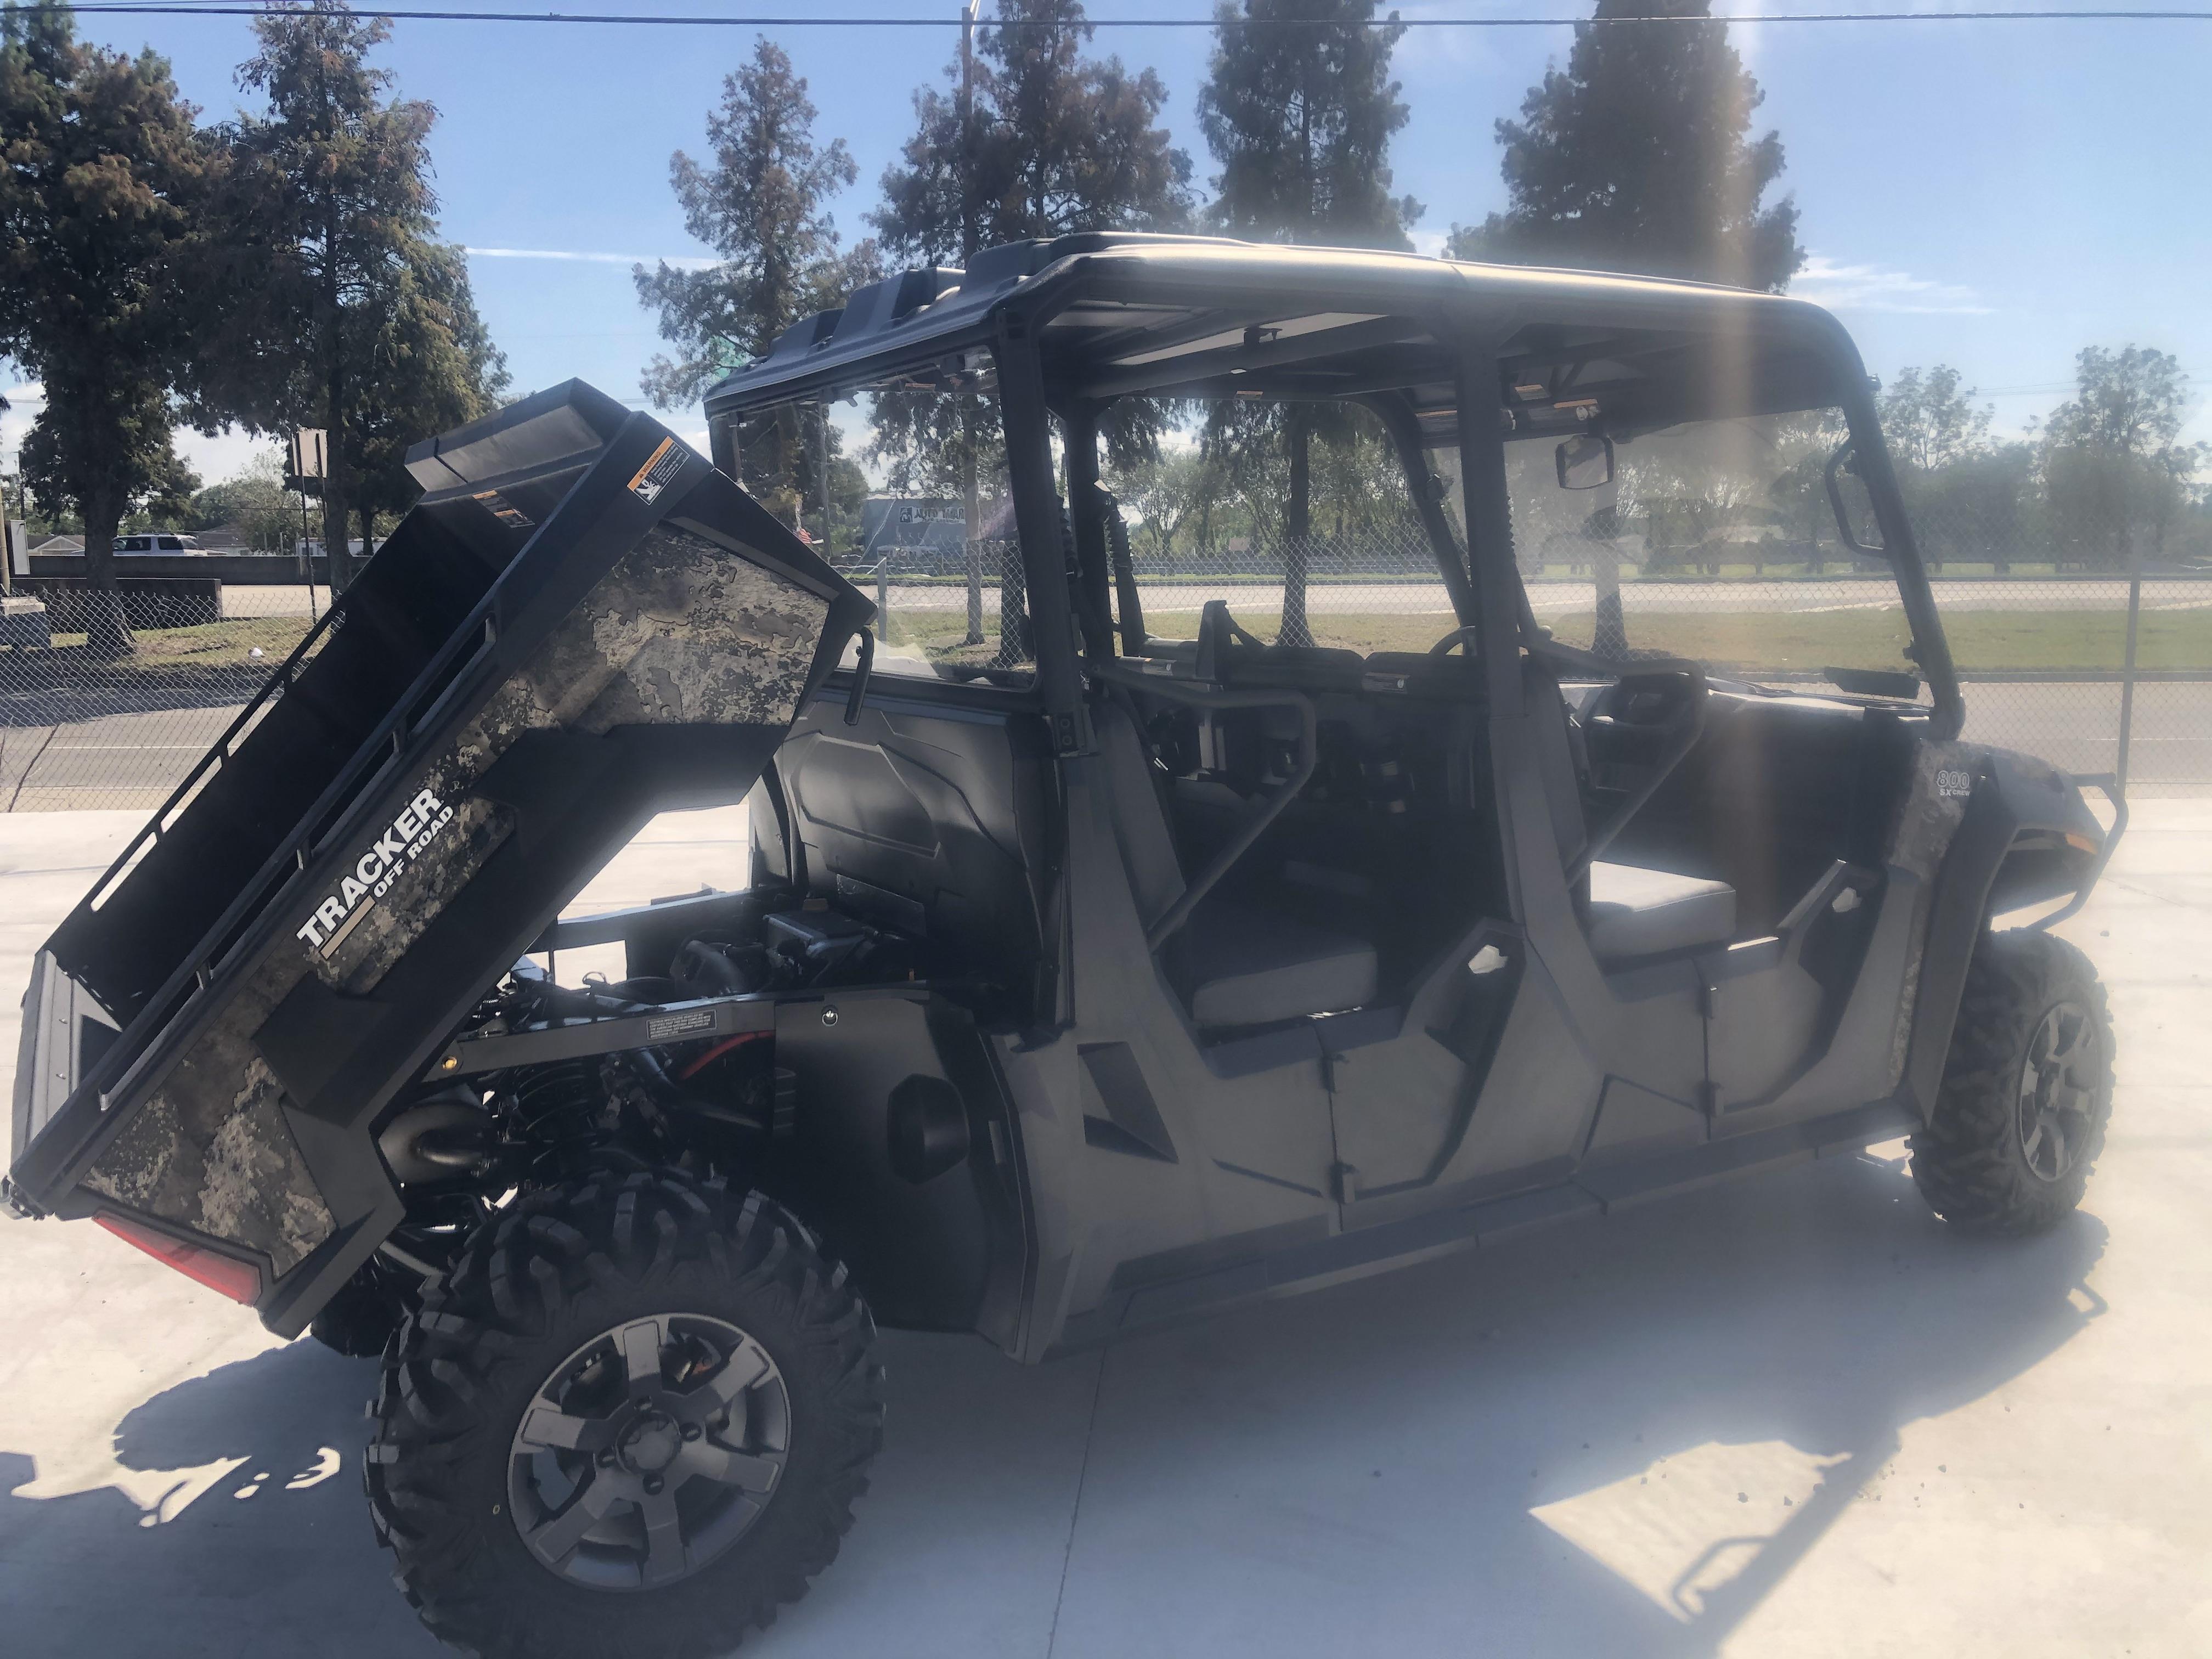 New  2021 Tracker Off Road Side x Side Motorcycle in Marrero, Louisiana